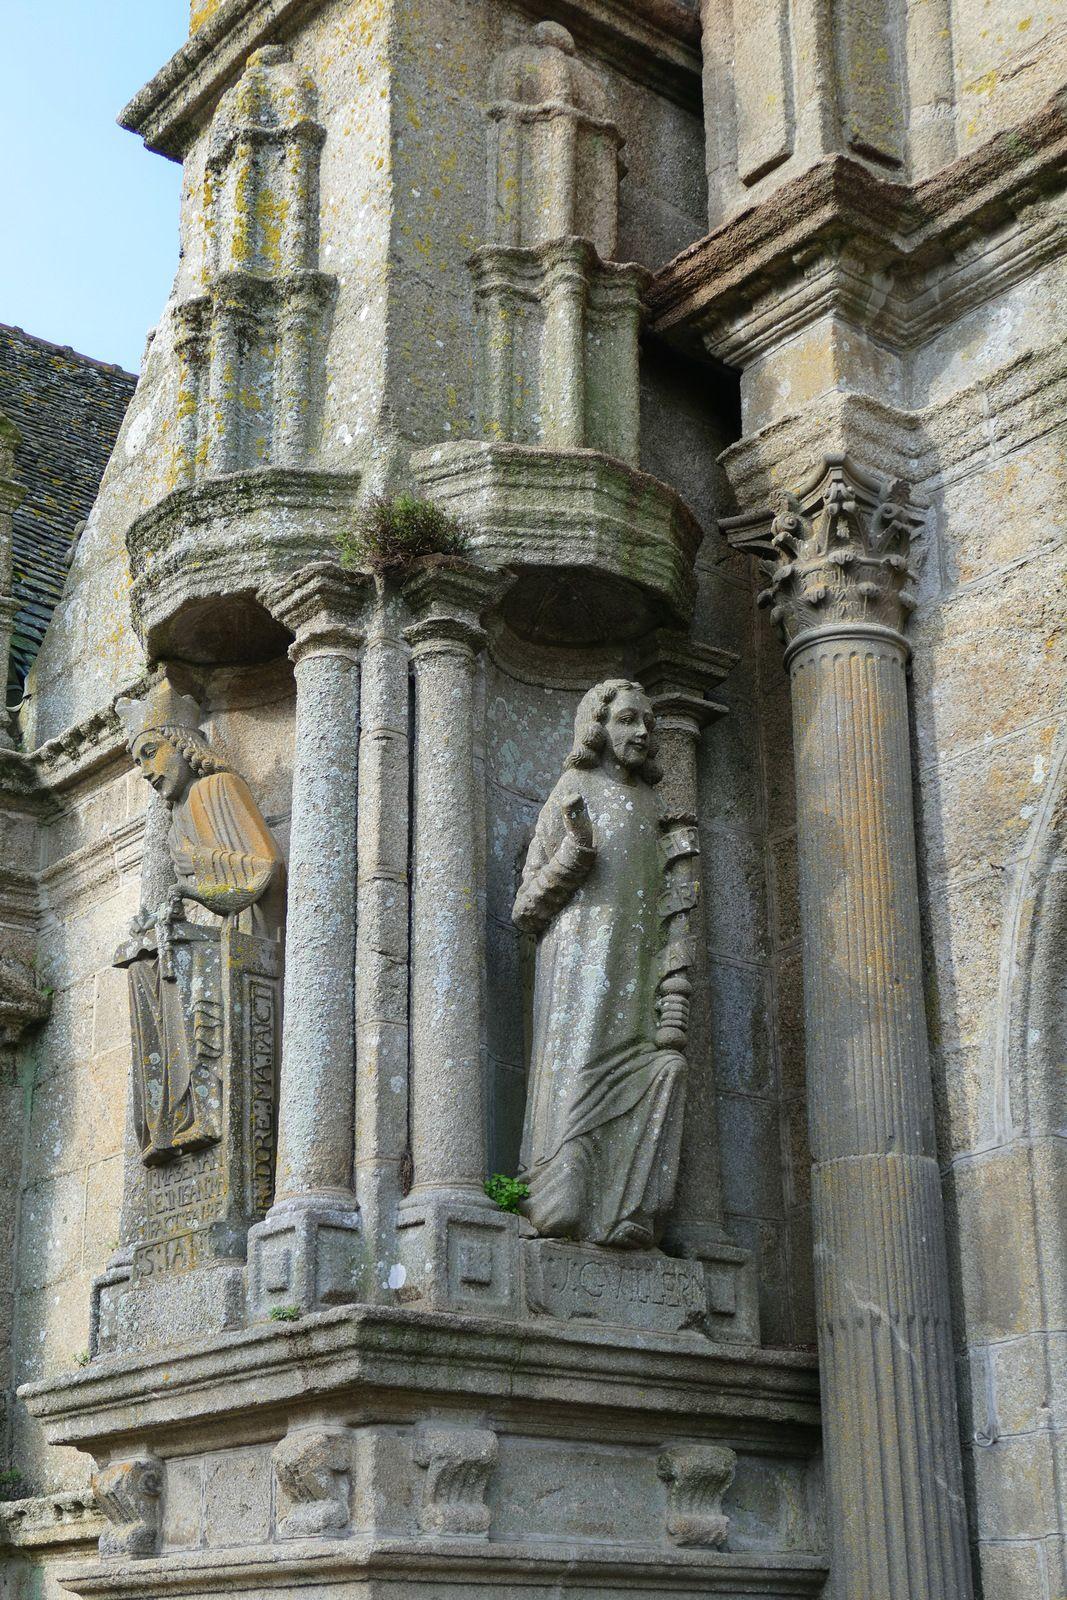 Annonciation (kersanton, Roland Doré, v. 1625)  contrefort ouest du clocher-porche de l'église de Saint-Thégonnec. Photographie lavieb-aile.